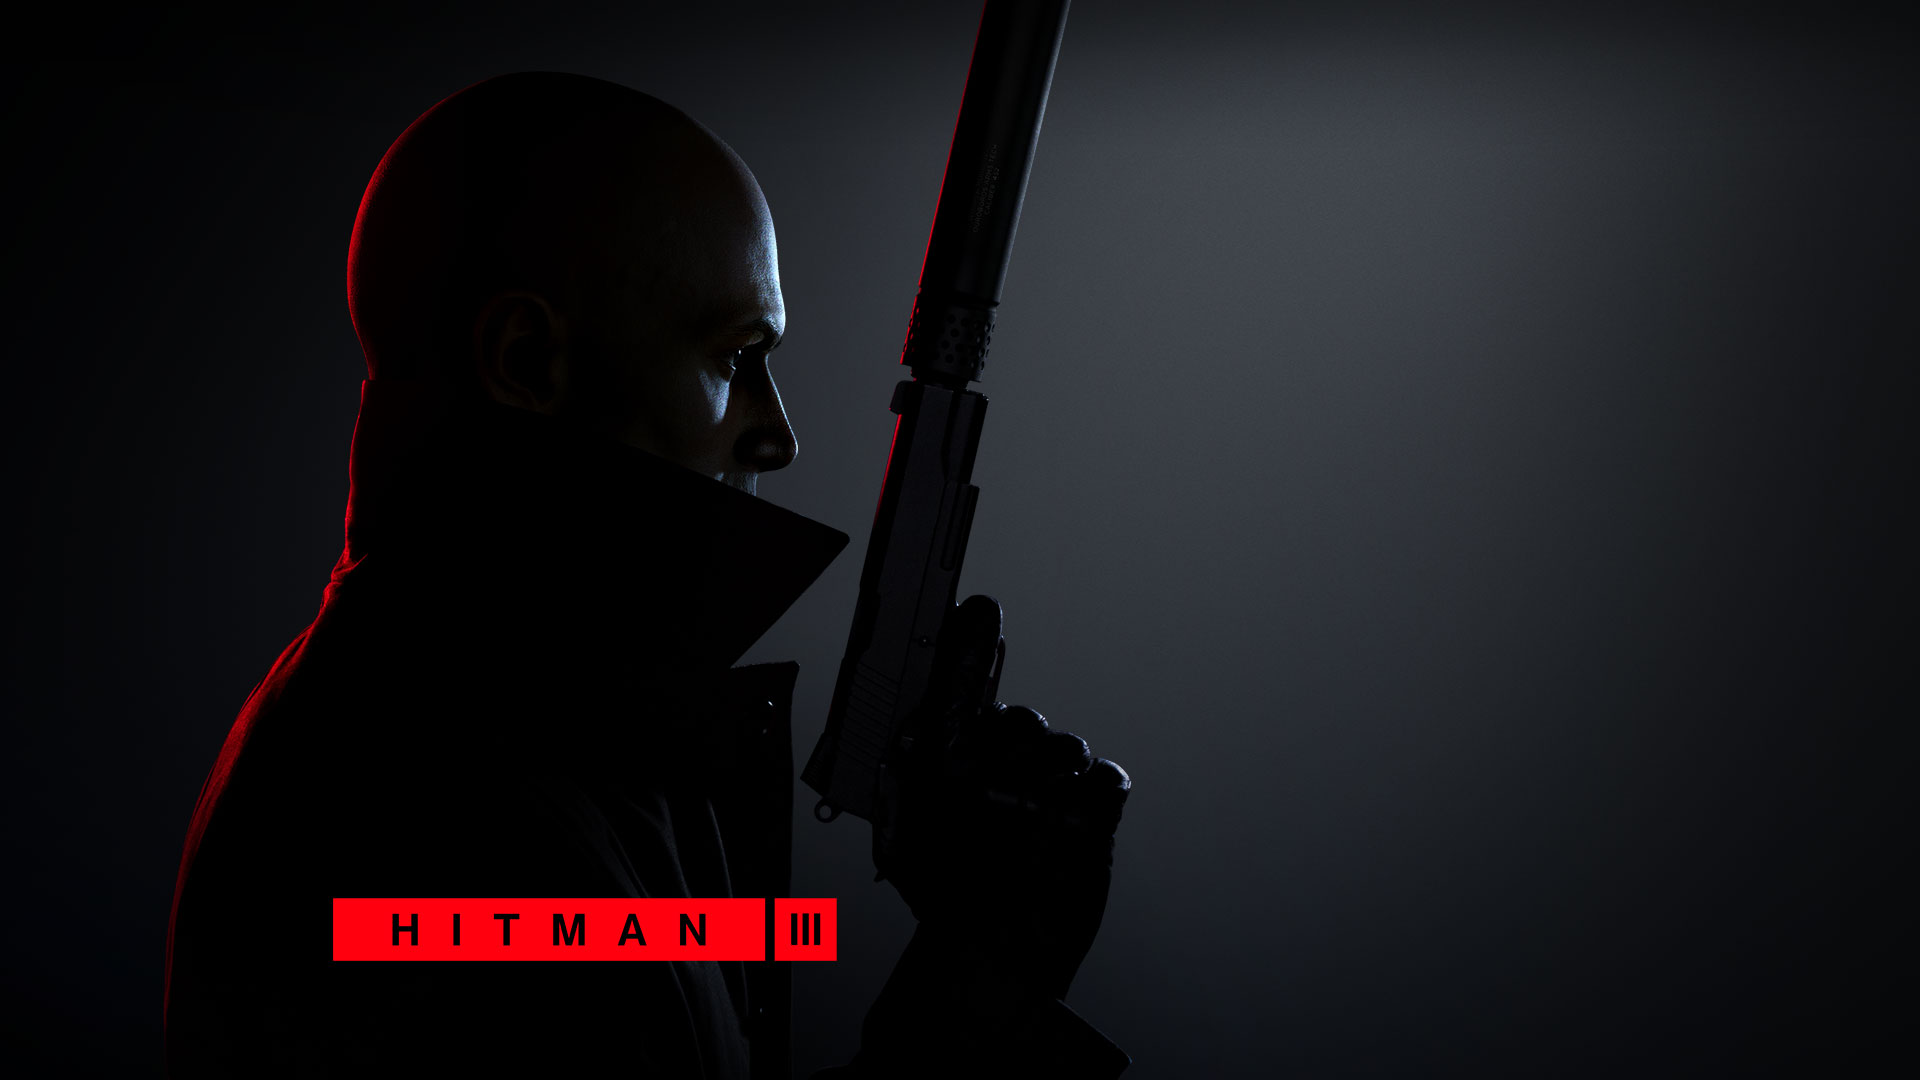 Hitman 3, Susturuculu bir tabanca tutan Agent 47'nin yandan görünümü